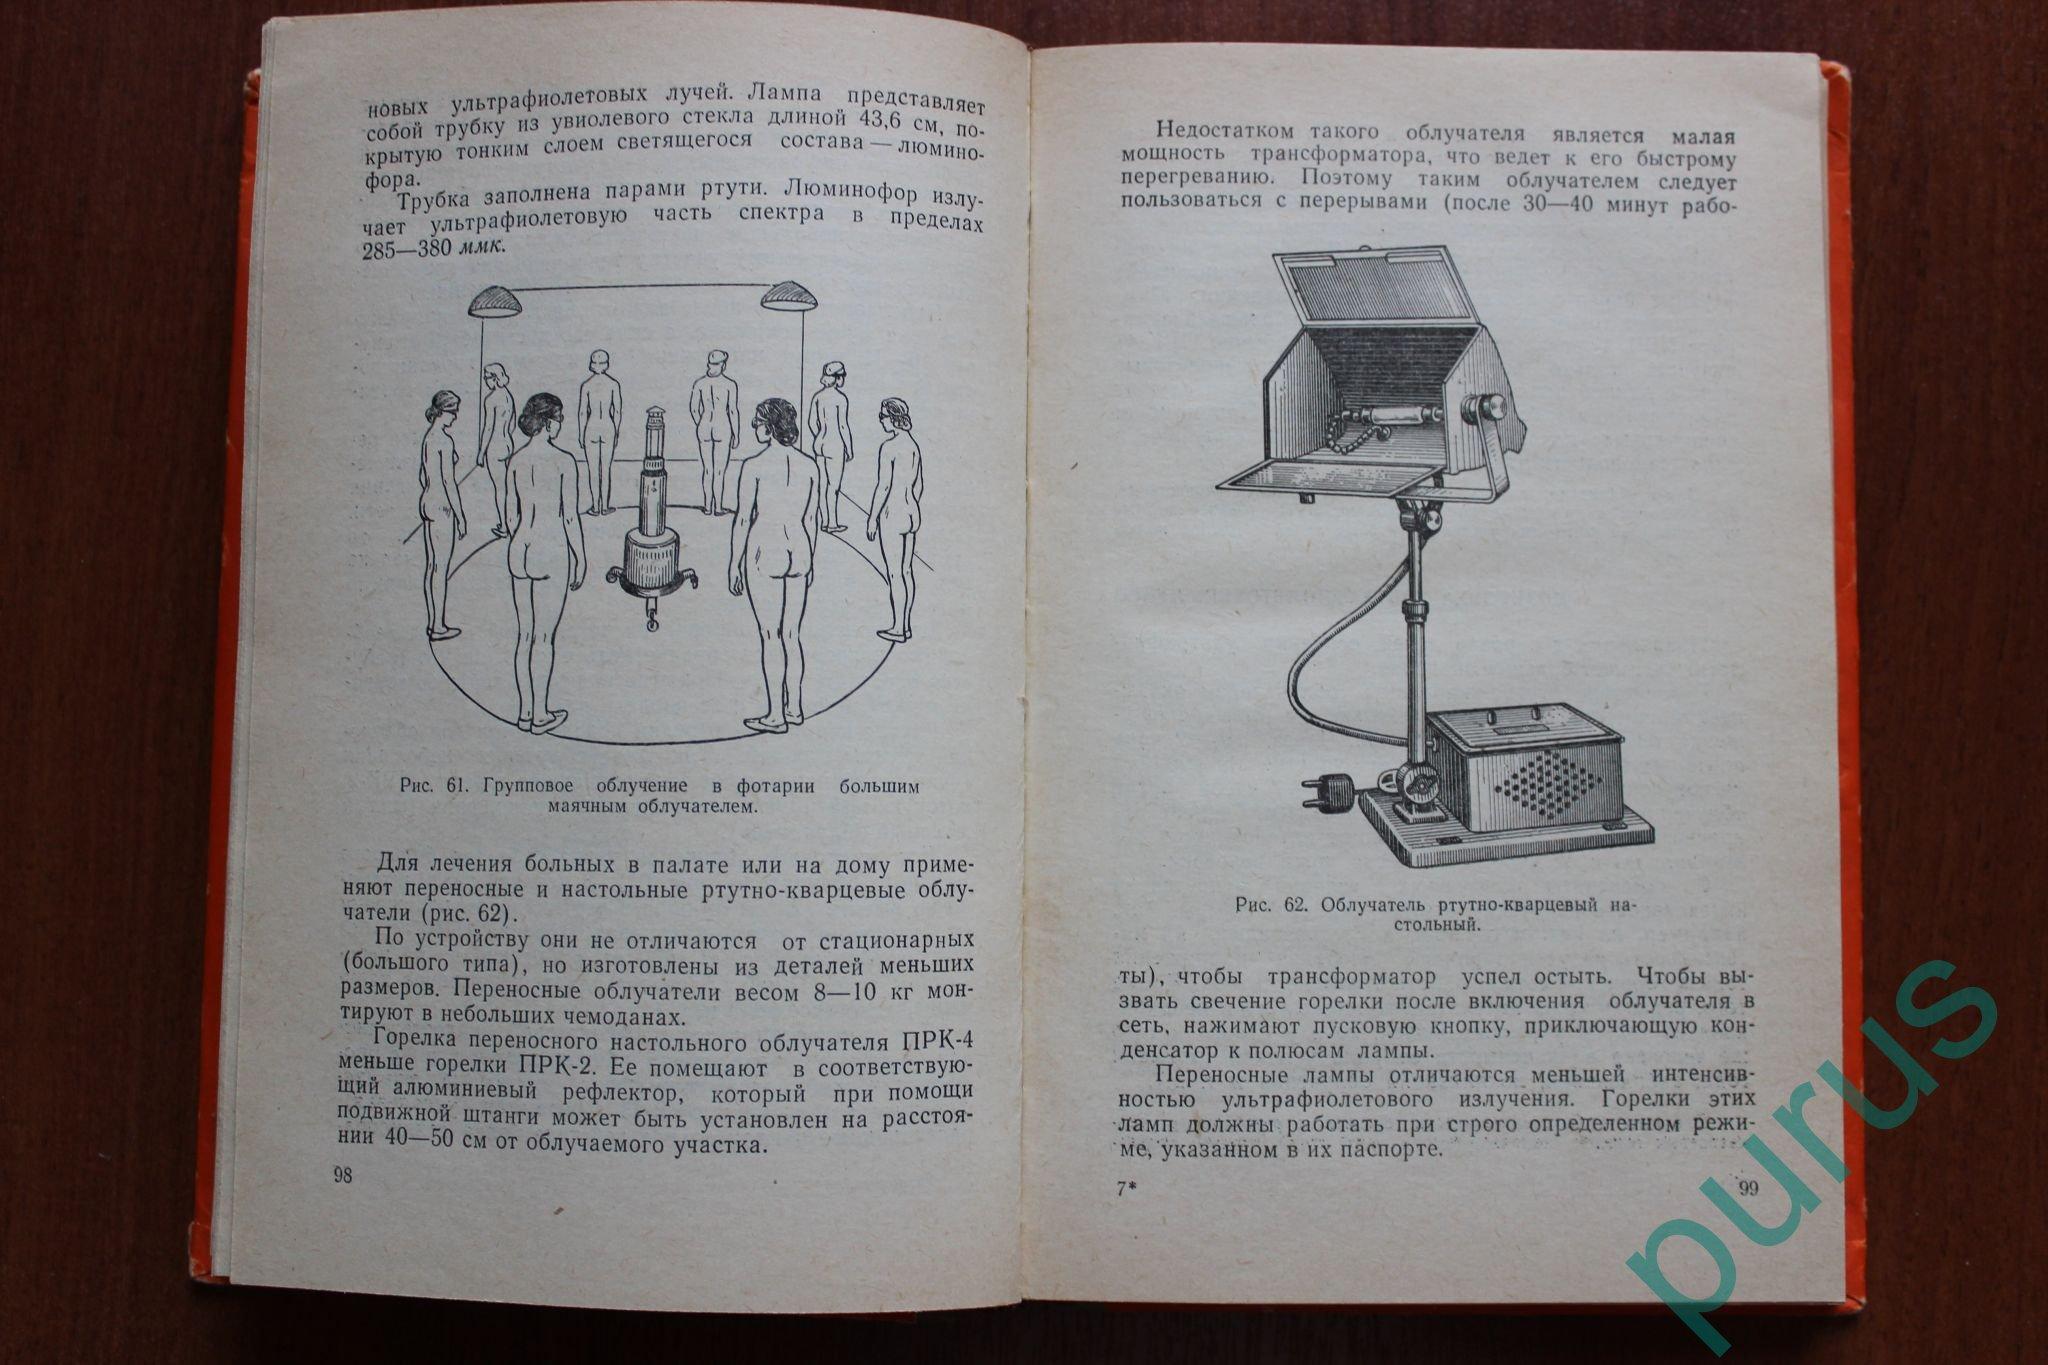 Что такое физиотерапия: для чего она нужна, виды процедур, эффективность методов